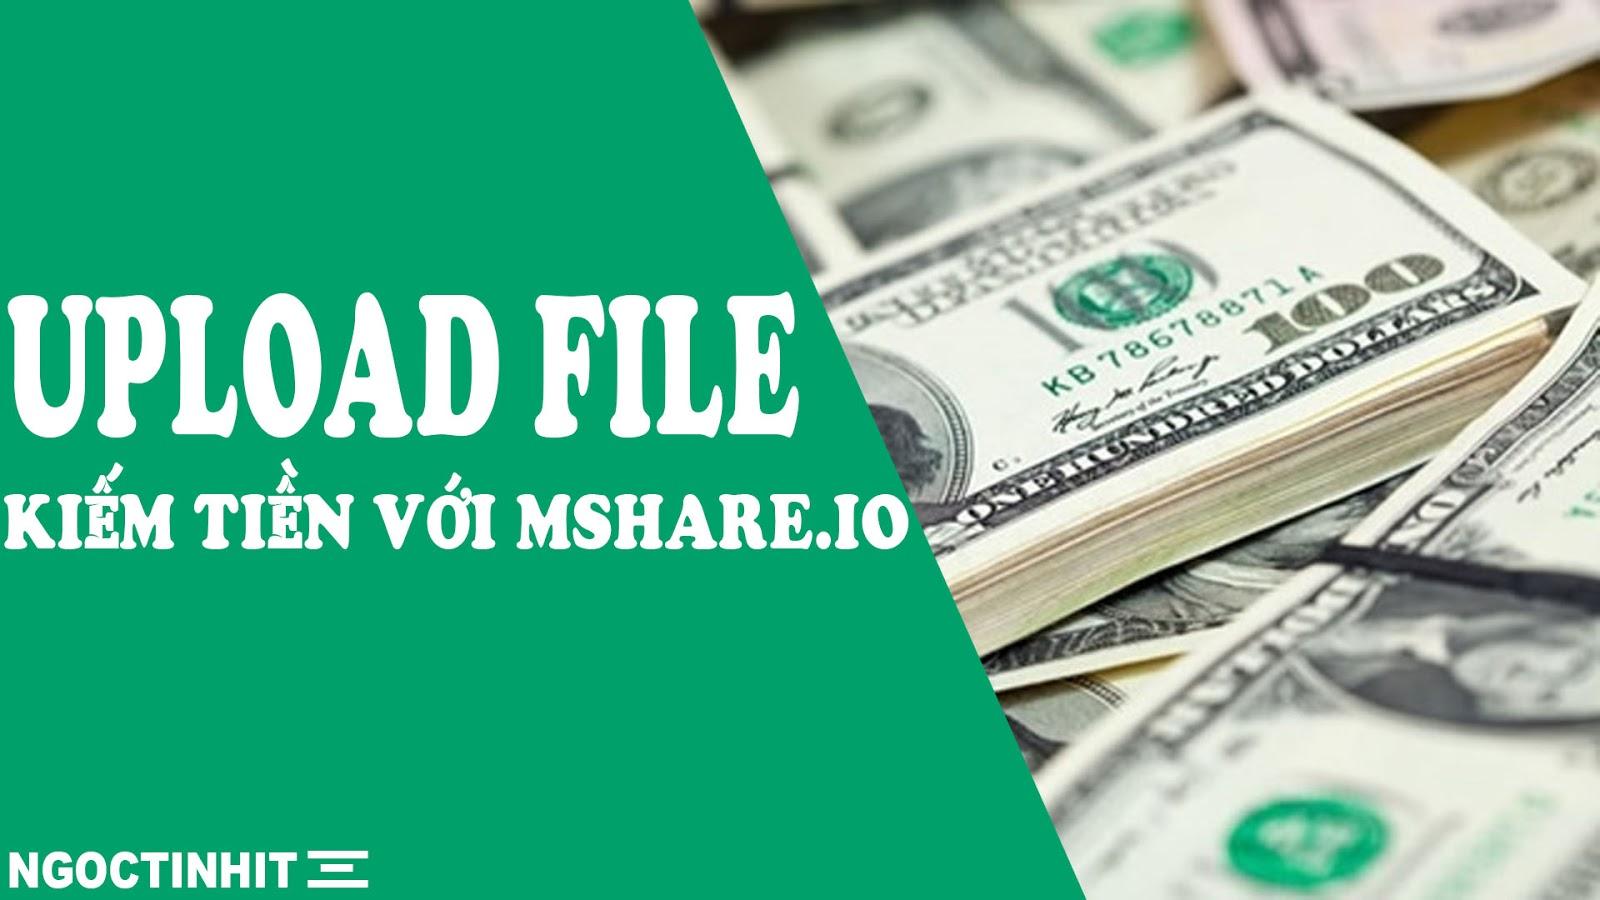 Kiếm Tiền Bằng Cách Upload Files - Ngọc Tính IT